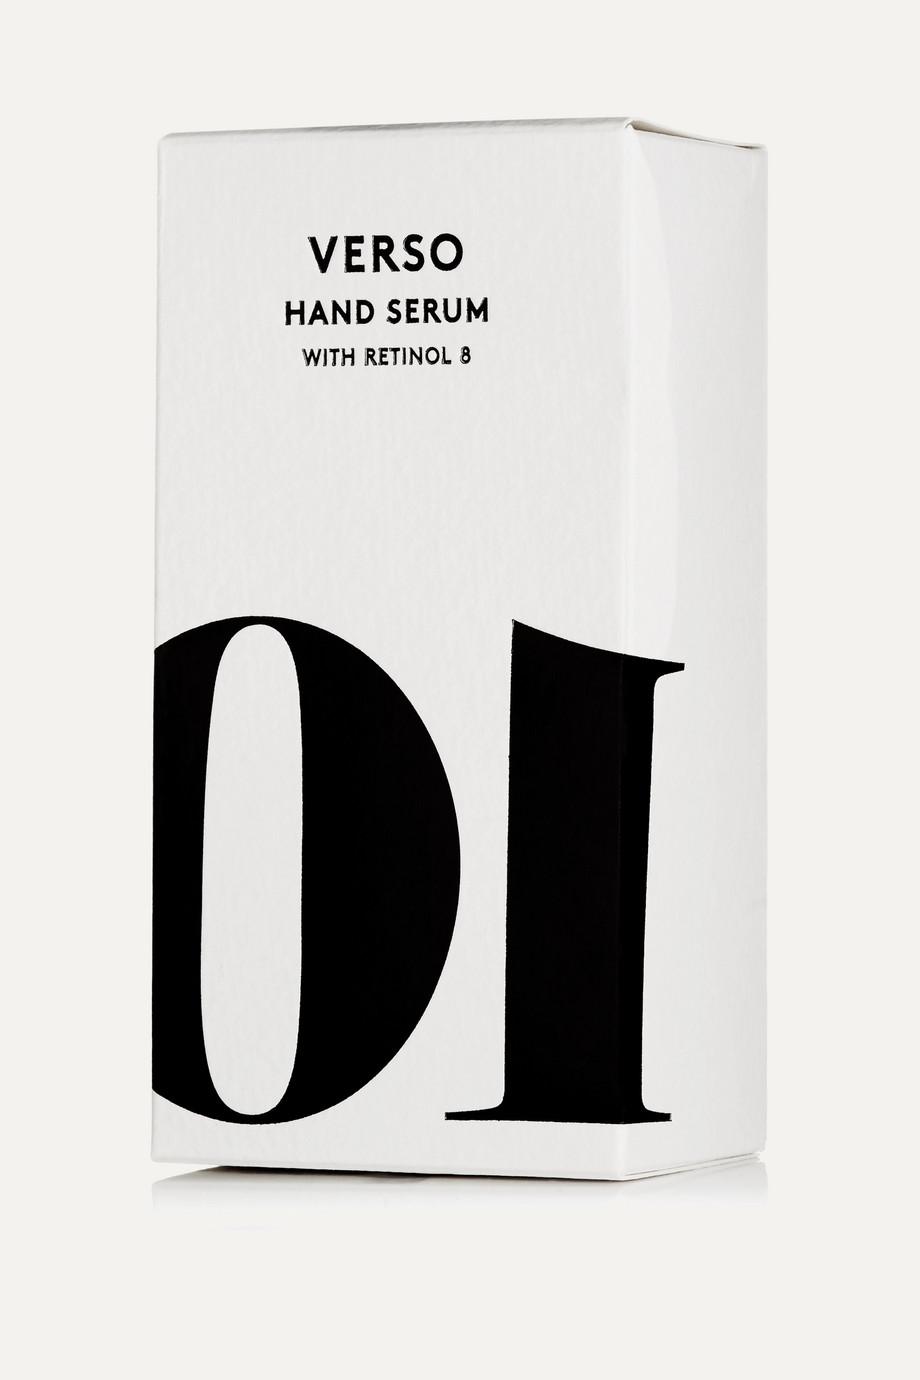 Verso Hand Serum 10, 30 ml – Handserum